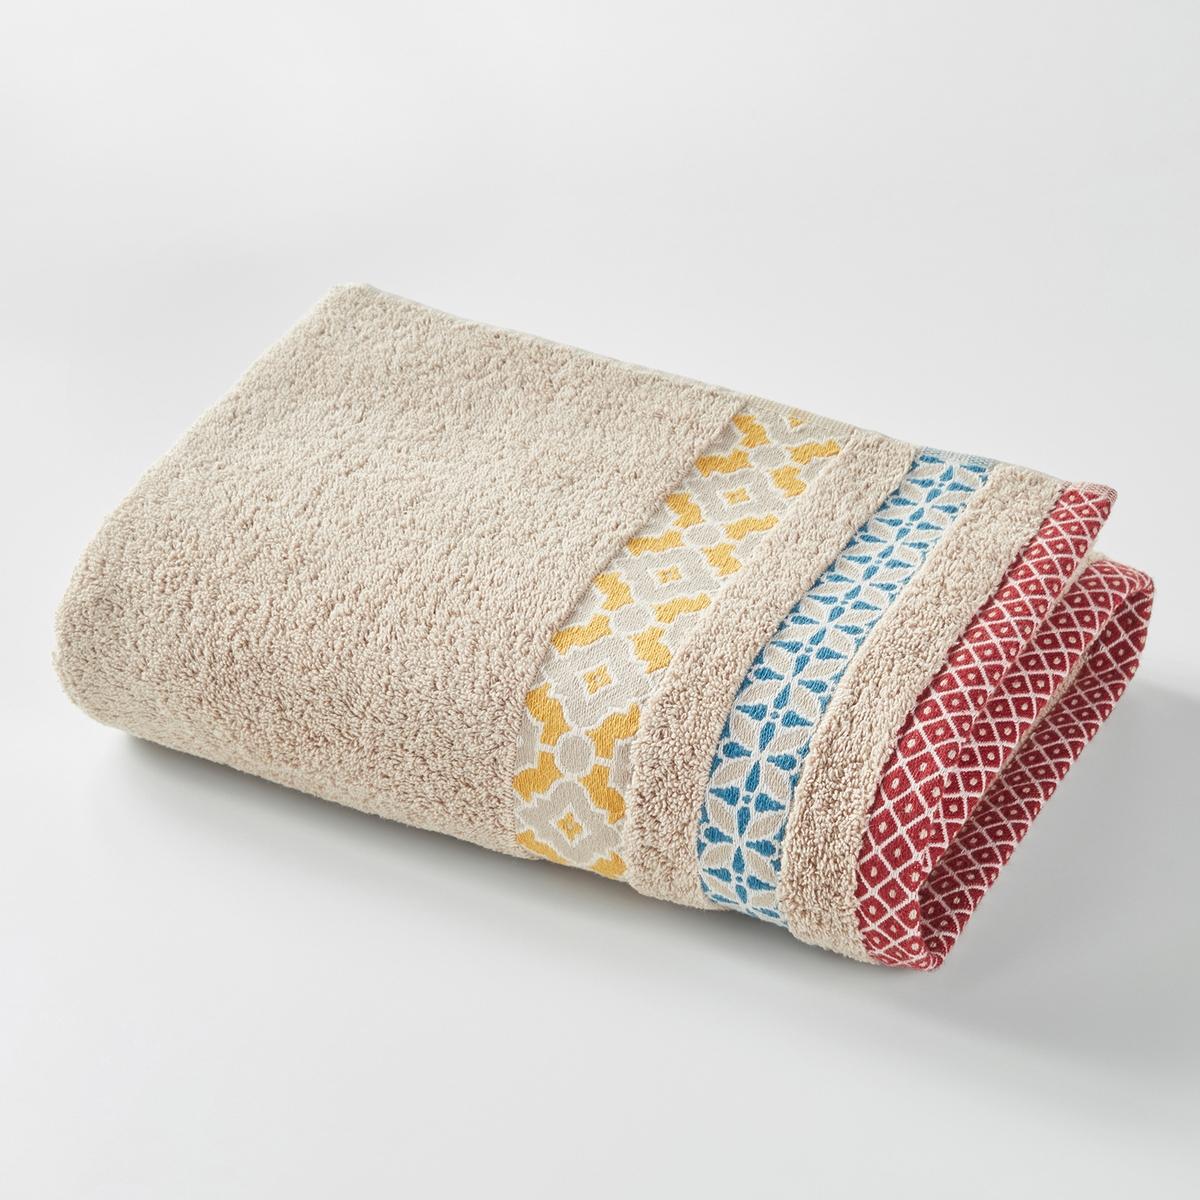 Полотенце банное EVORA, цветная кромка, хлопковое.Полотенце банное EVORA, цветная кромка, хлопковое. Банное полотенце высокого качества из мягкого и плотного хлопка с яркой кромкой оживит вашу ванную комнатуХарактеристики банного полотенца  :Материал : махровая ткань из 100% хлопка 500 г/м?.Уход : машинная стирка при  60°.Жаккардовая кромка.Размеры банного полотенца :70 x 140 см.    Существует в 3 разных расцветках, которые вы можете комбинировать по своему усмотрению.<br><br>Цвет: бежевый<br>Размер: 70 x 140  см